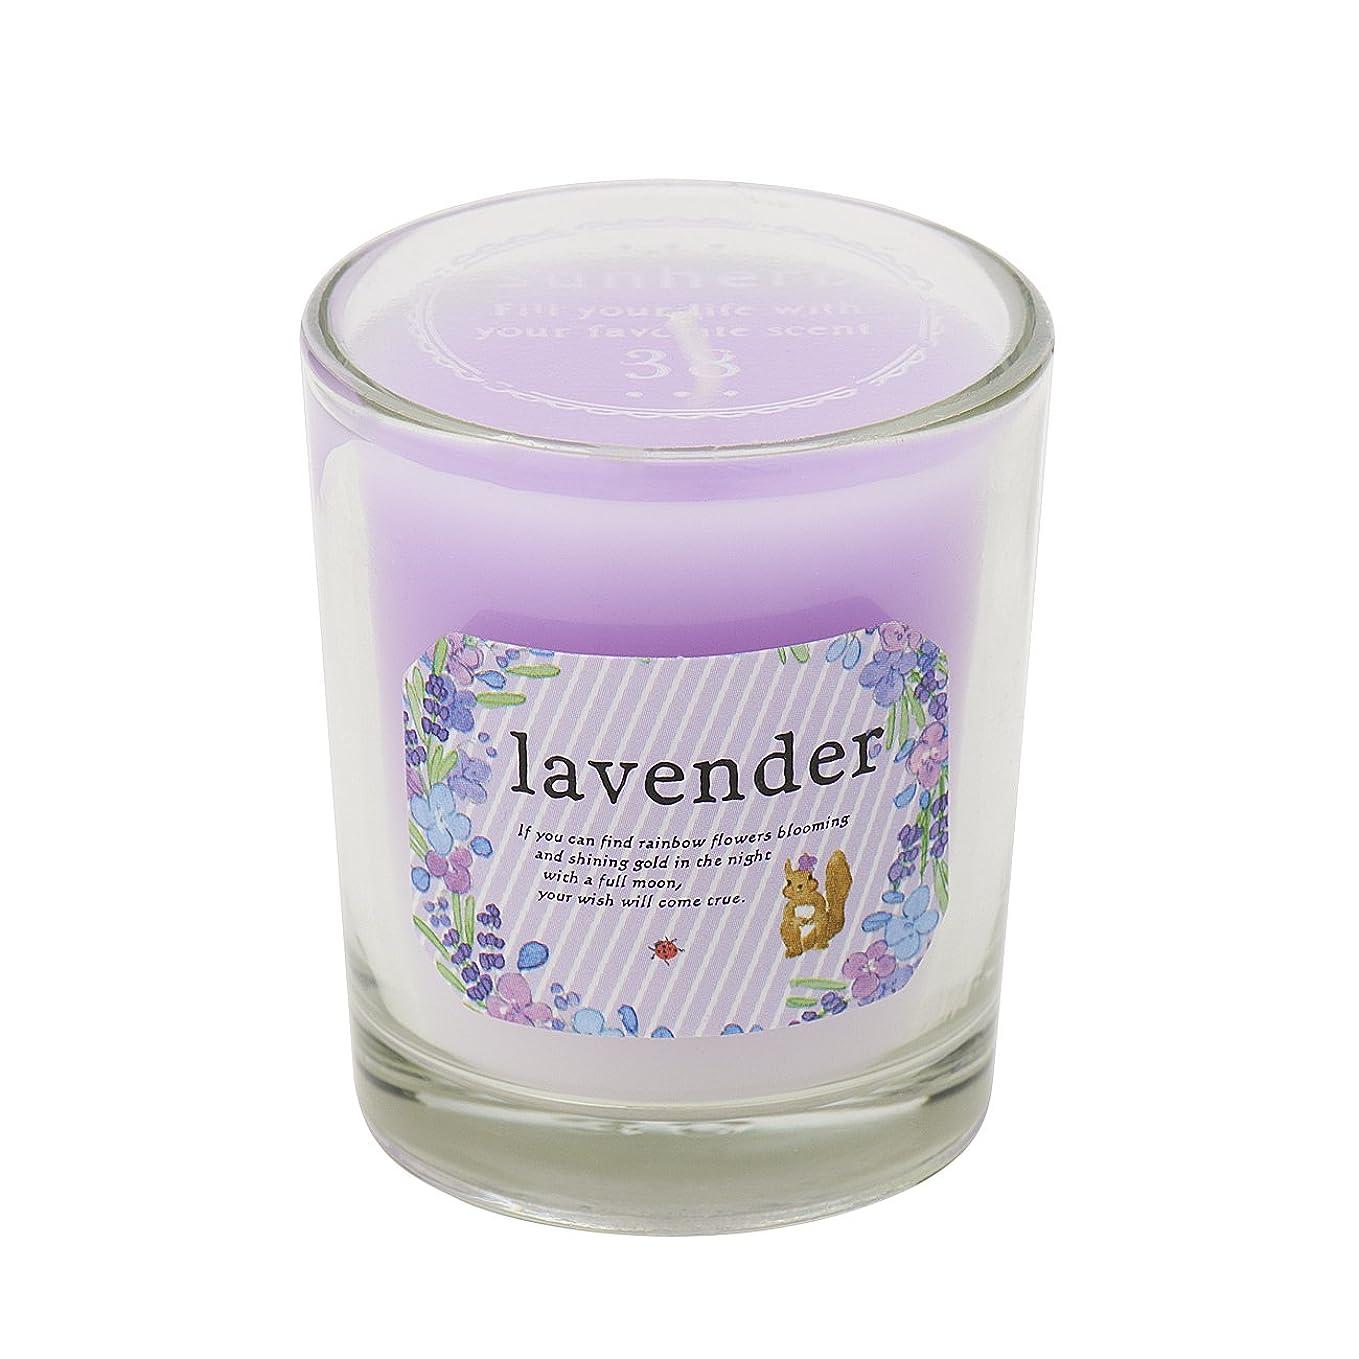 ご予約優遇流出サンハーブ グラスキャンドル ラベンダー 35g(グラデーションろうそく 燃焼時間約10時間 ふわっと爽やかなラベンダーの香り)